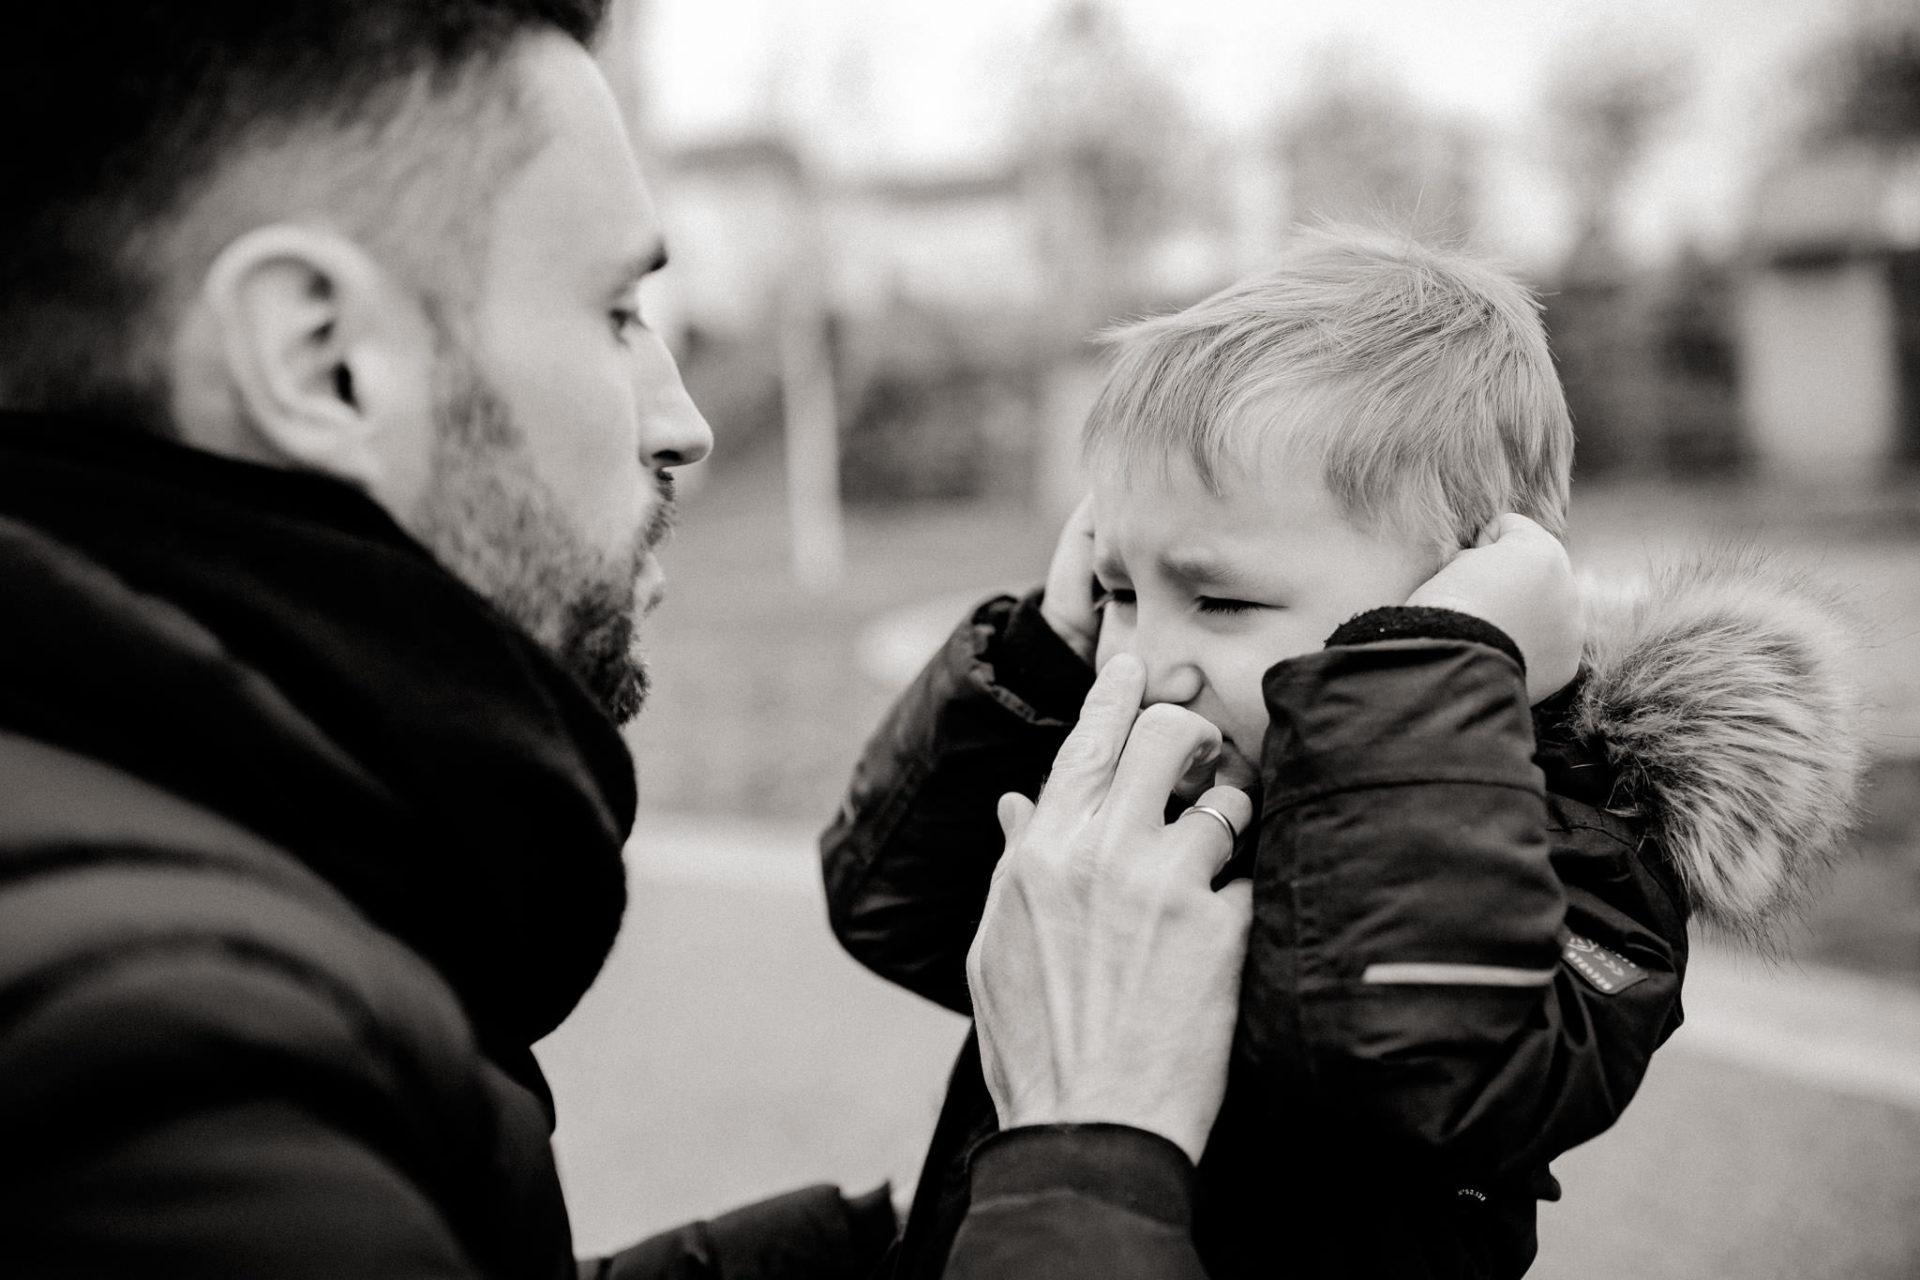 familienfotografie-mainz-journalistische-kinderbilder-familienspaziergang-spielen-papa-troestet-sohn